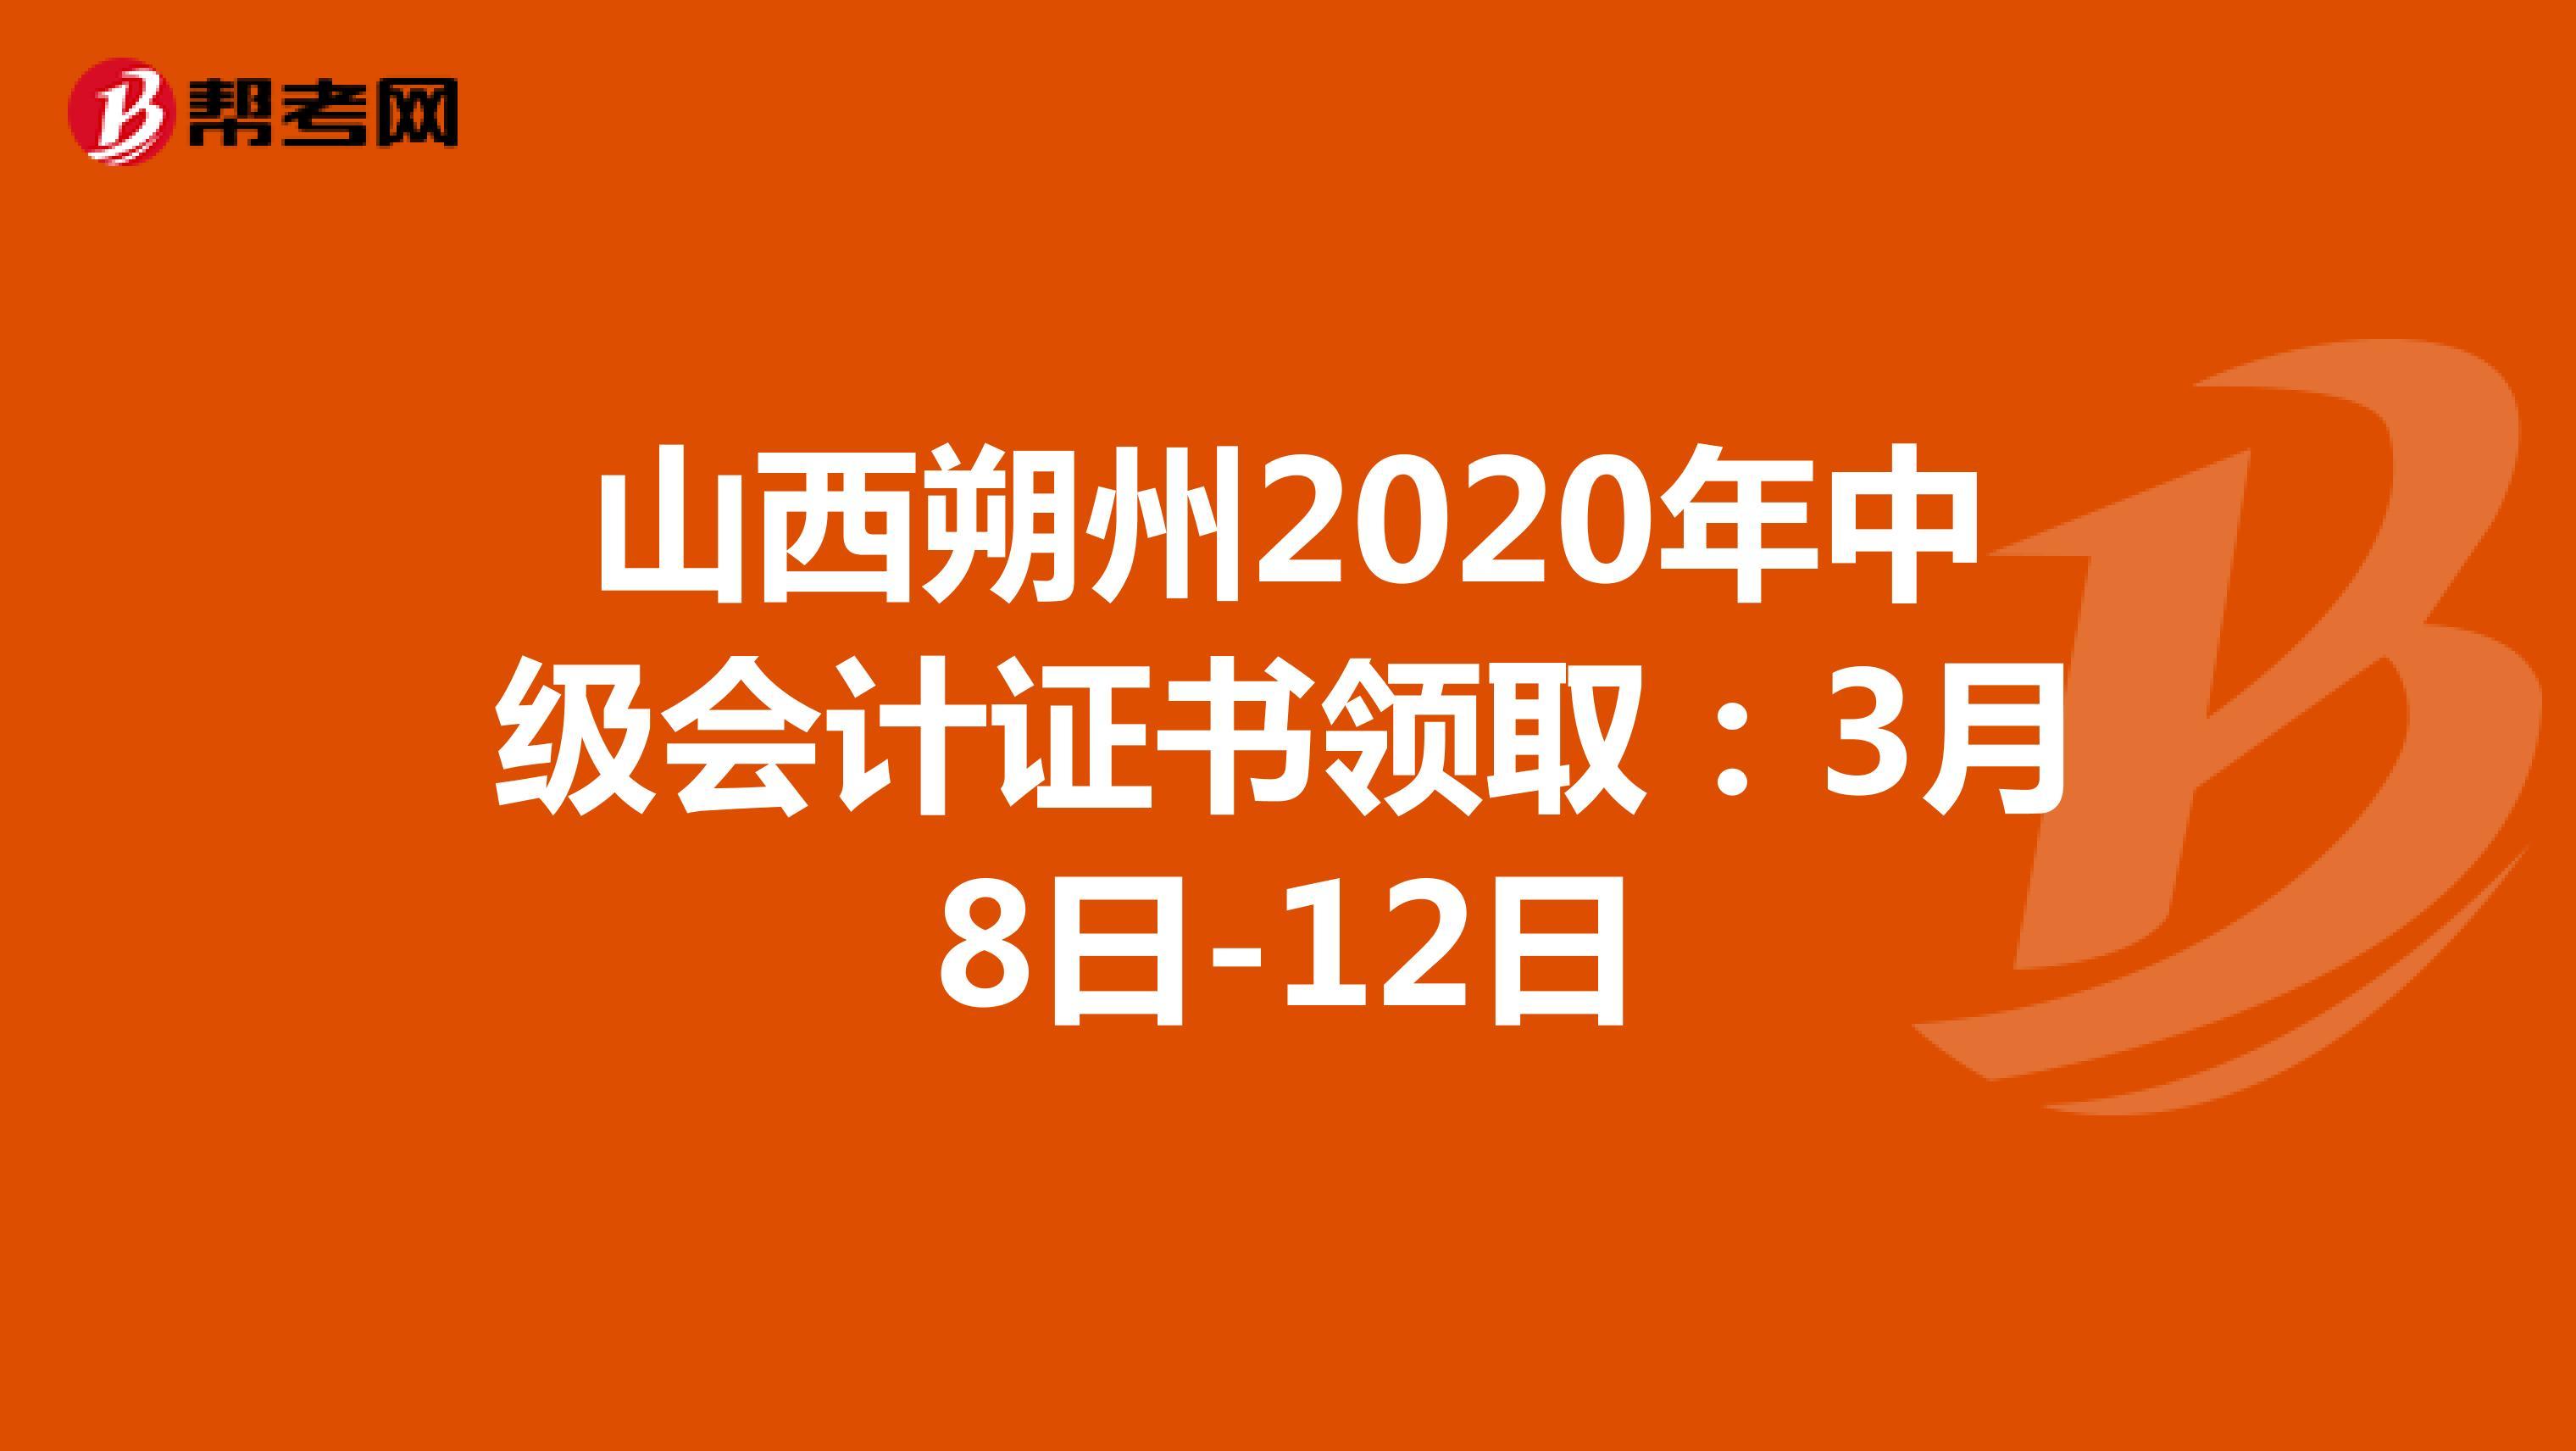 山西朔州2020年中級會計證書領?。?月8日-12日